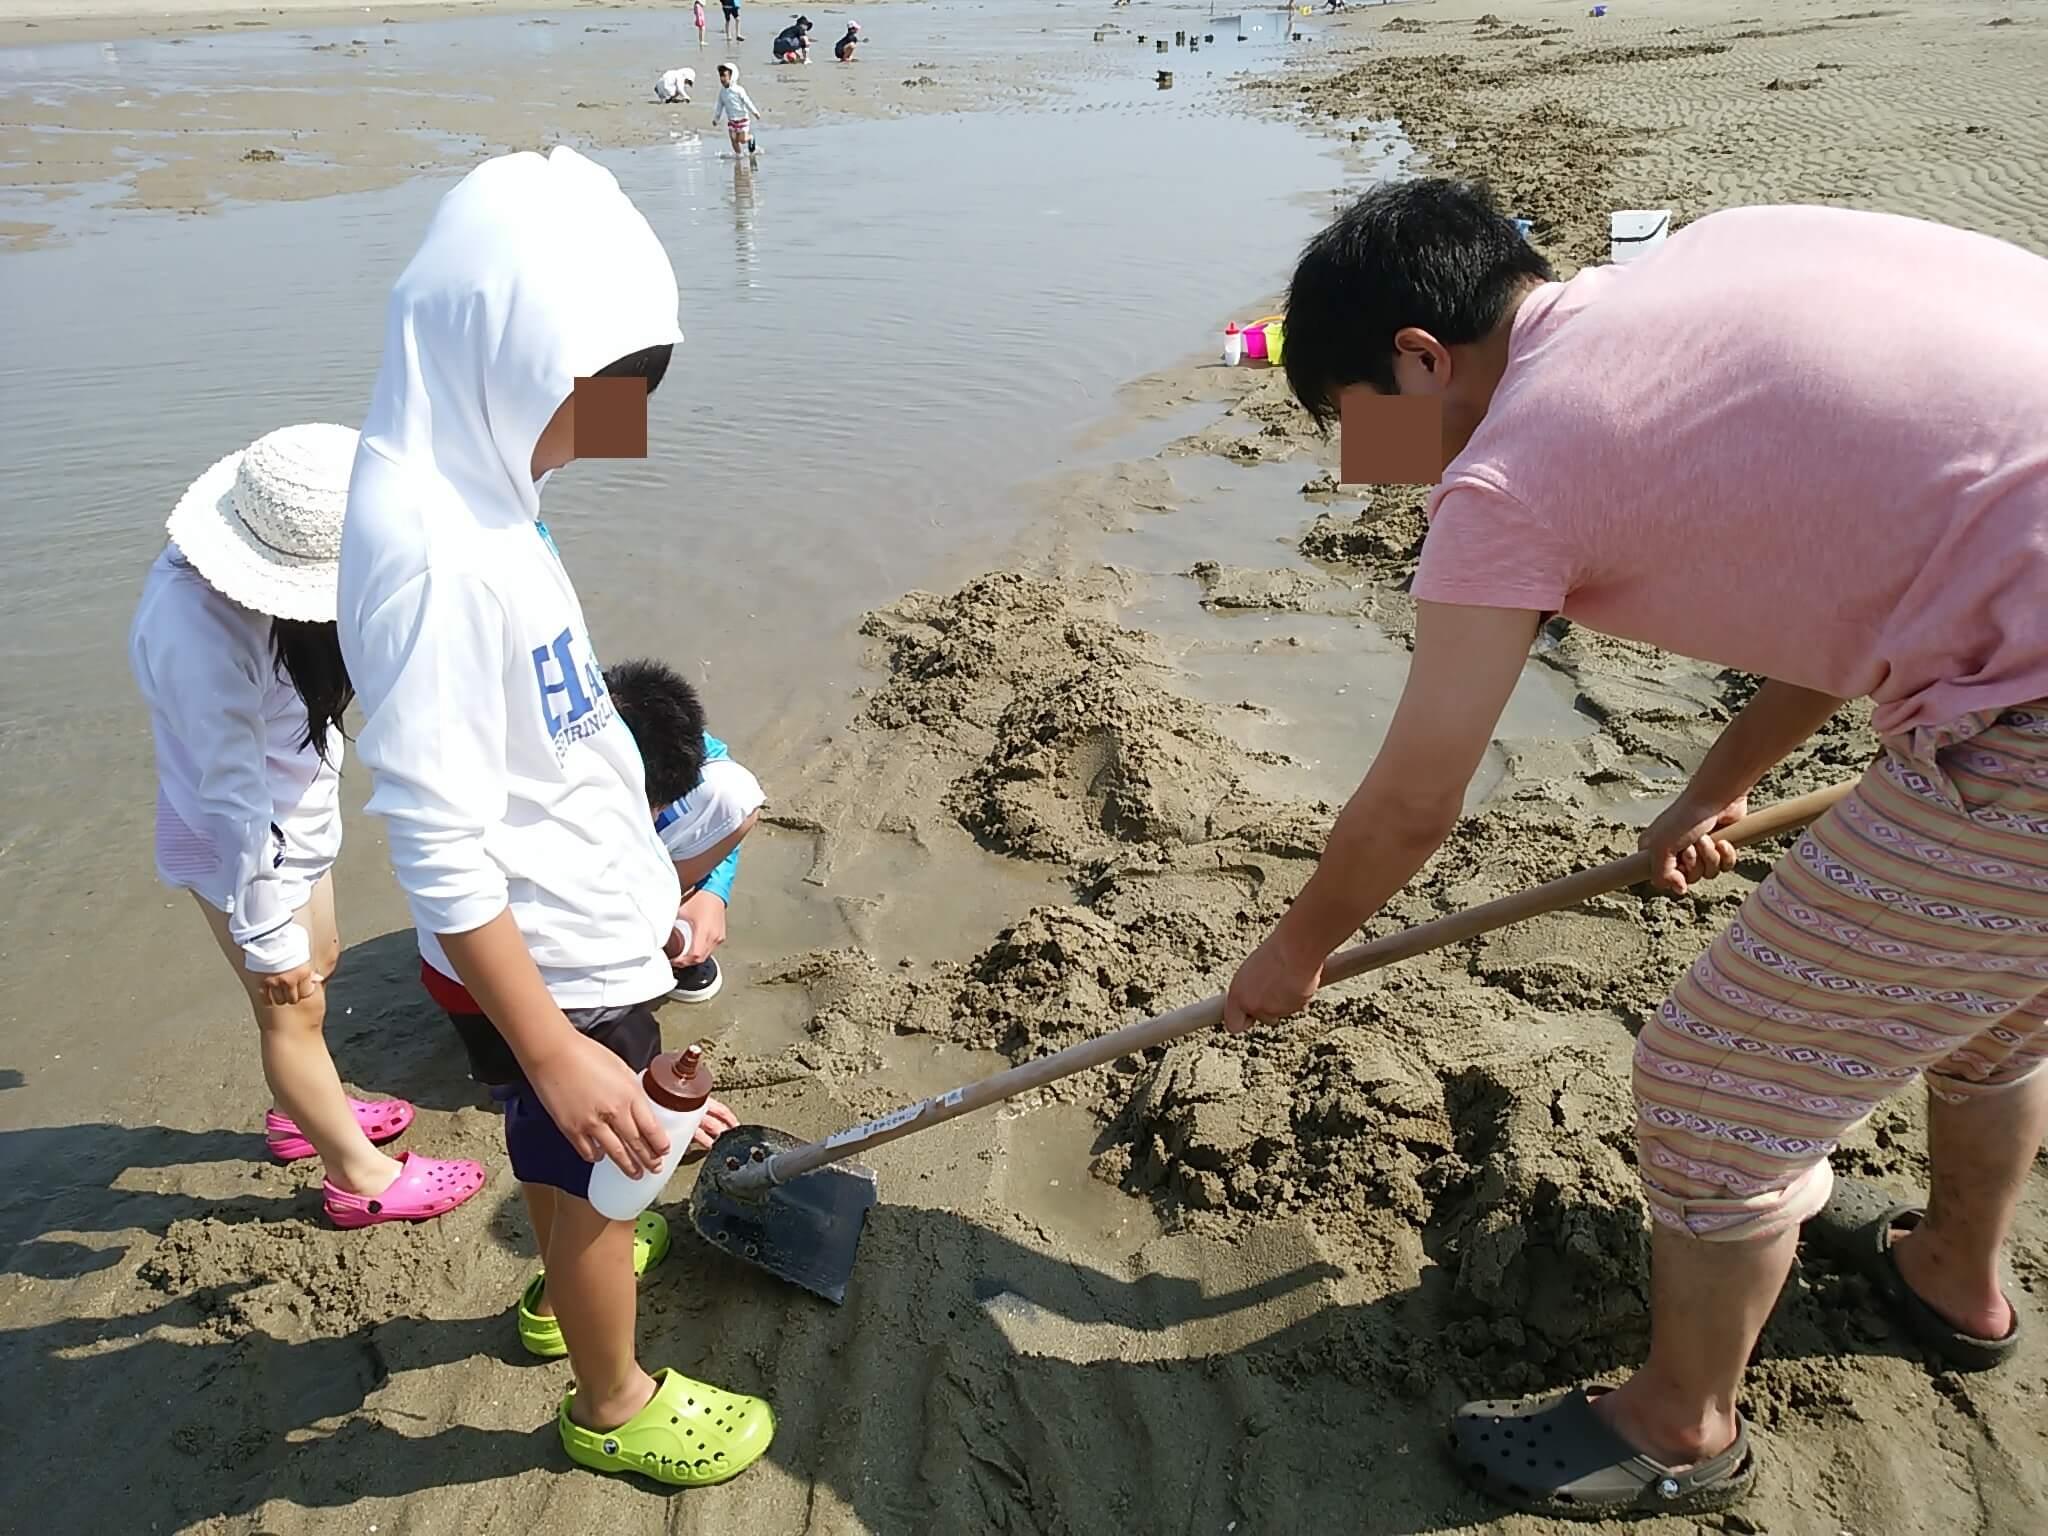 マテ貝を探すために農具で砂の表面を削る